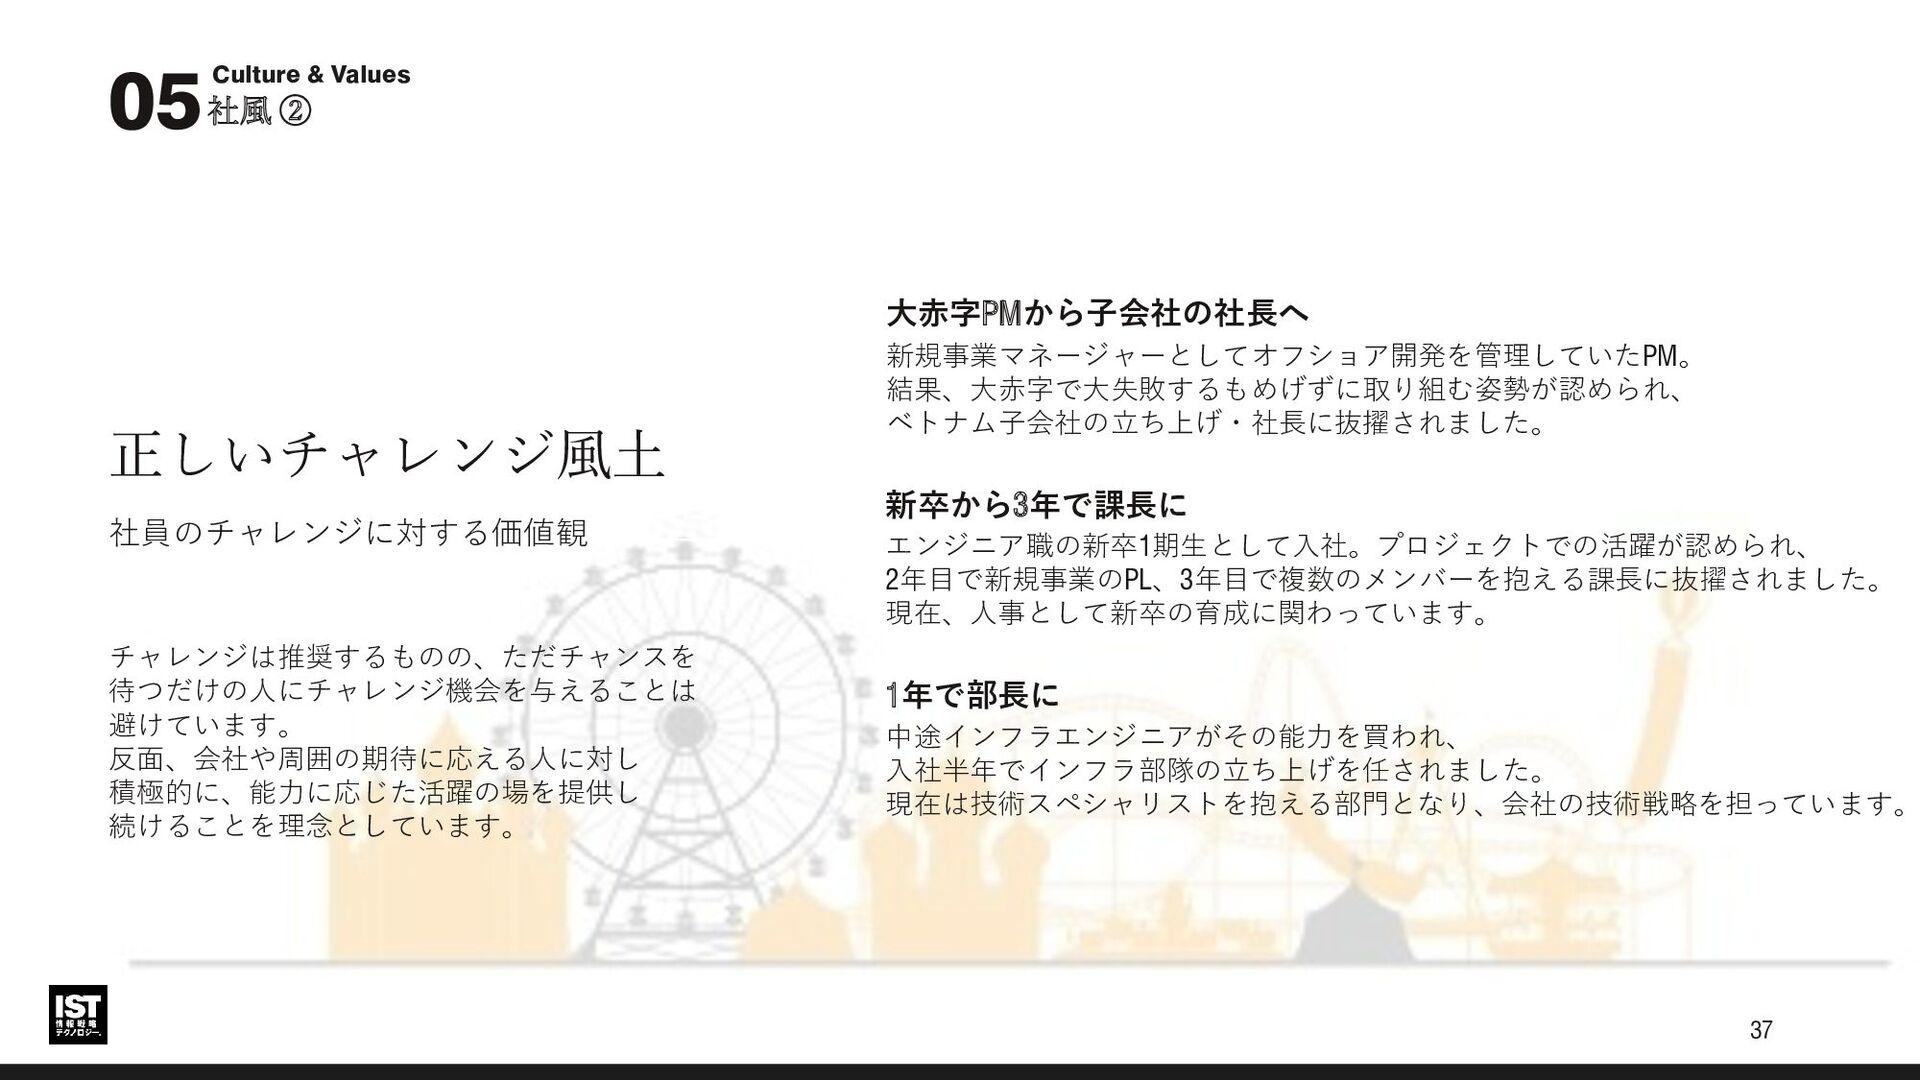 オフィス風景 社風・価値観 05 このオフィスに使われているテーブルは 東日本大震災の廃木を使...